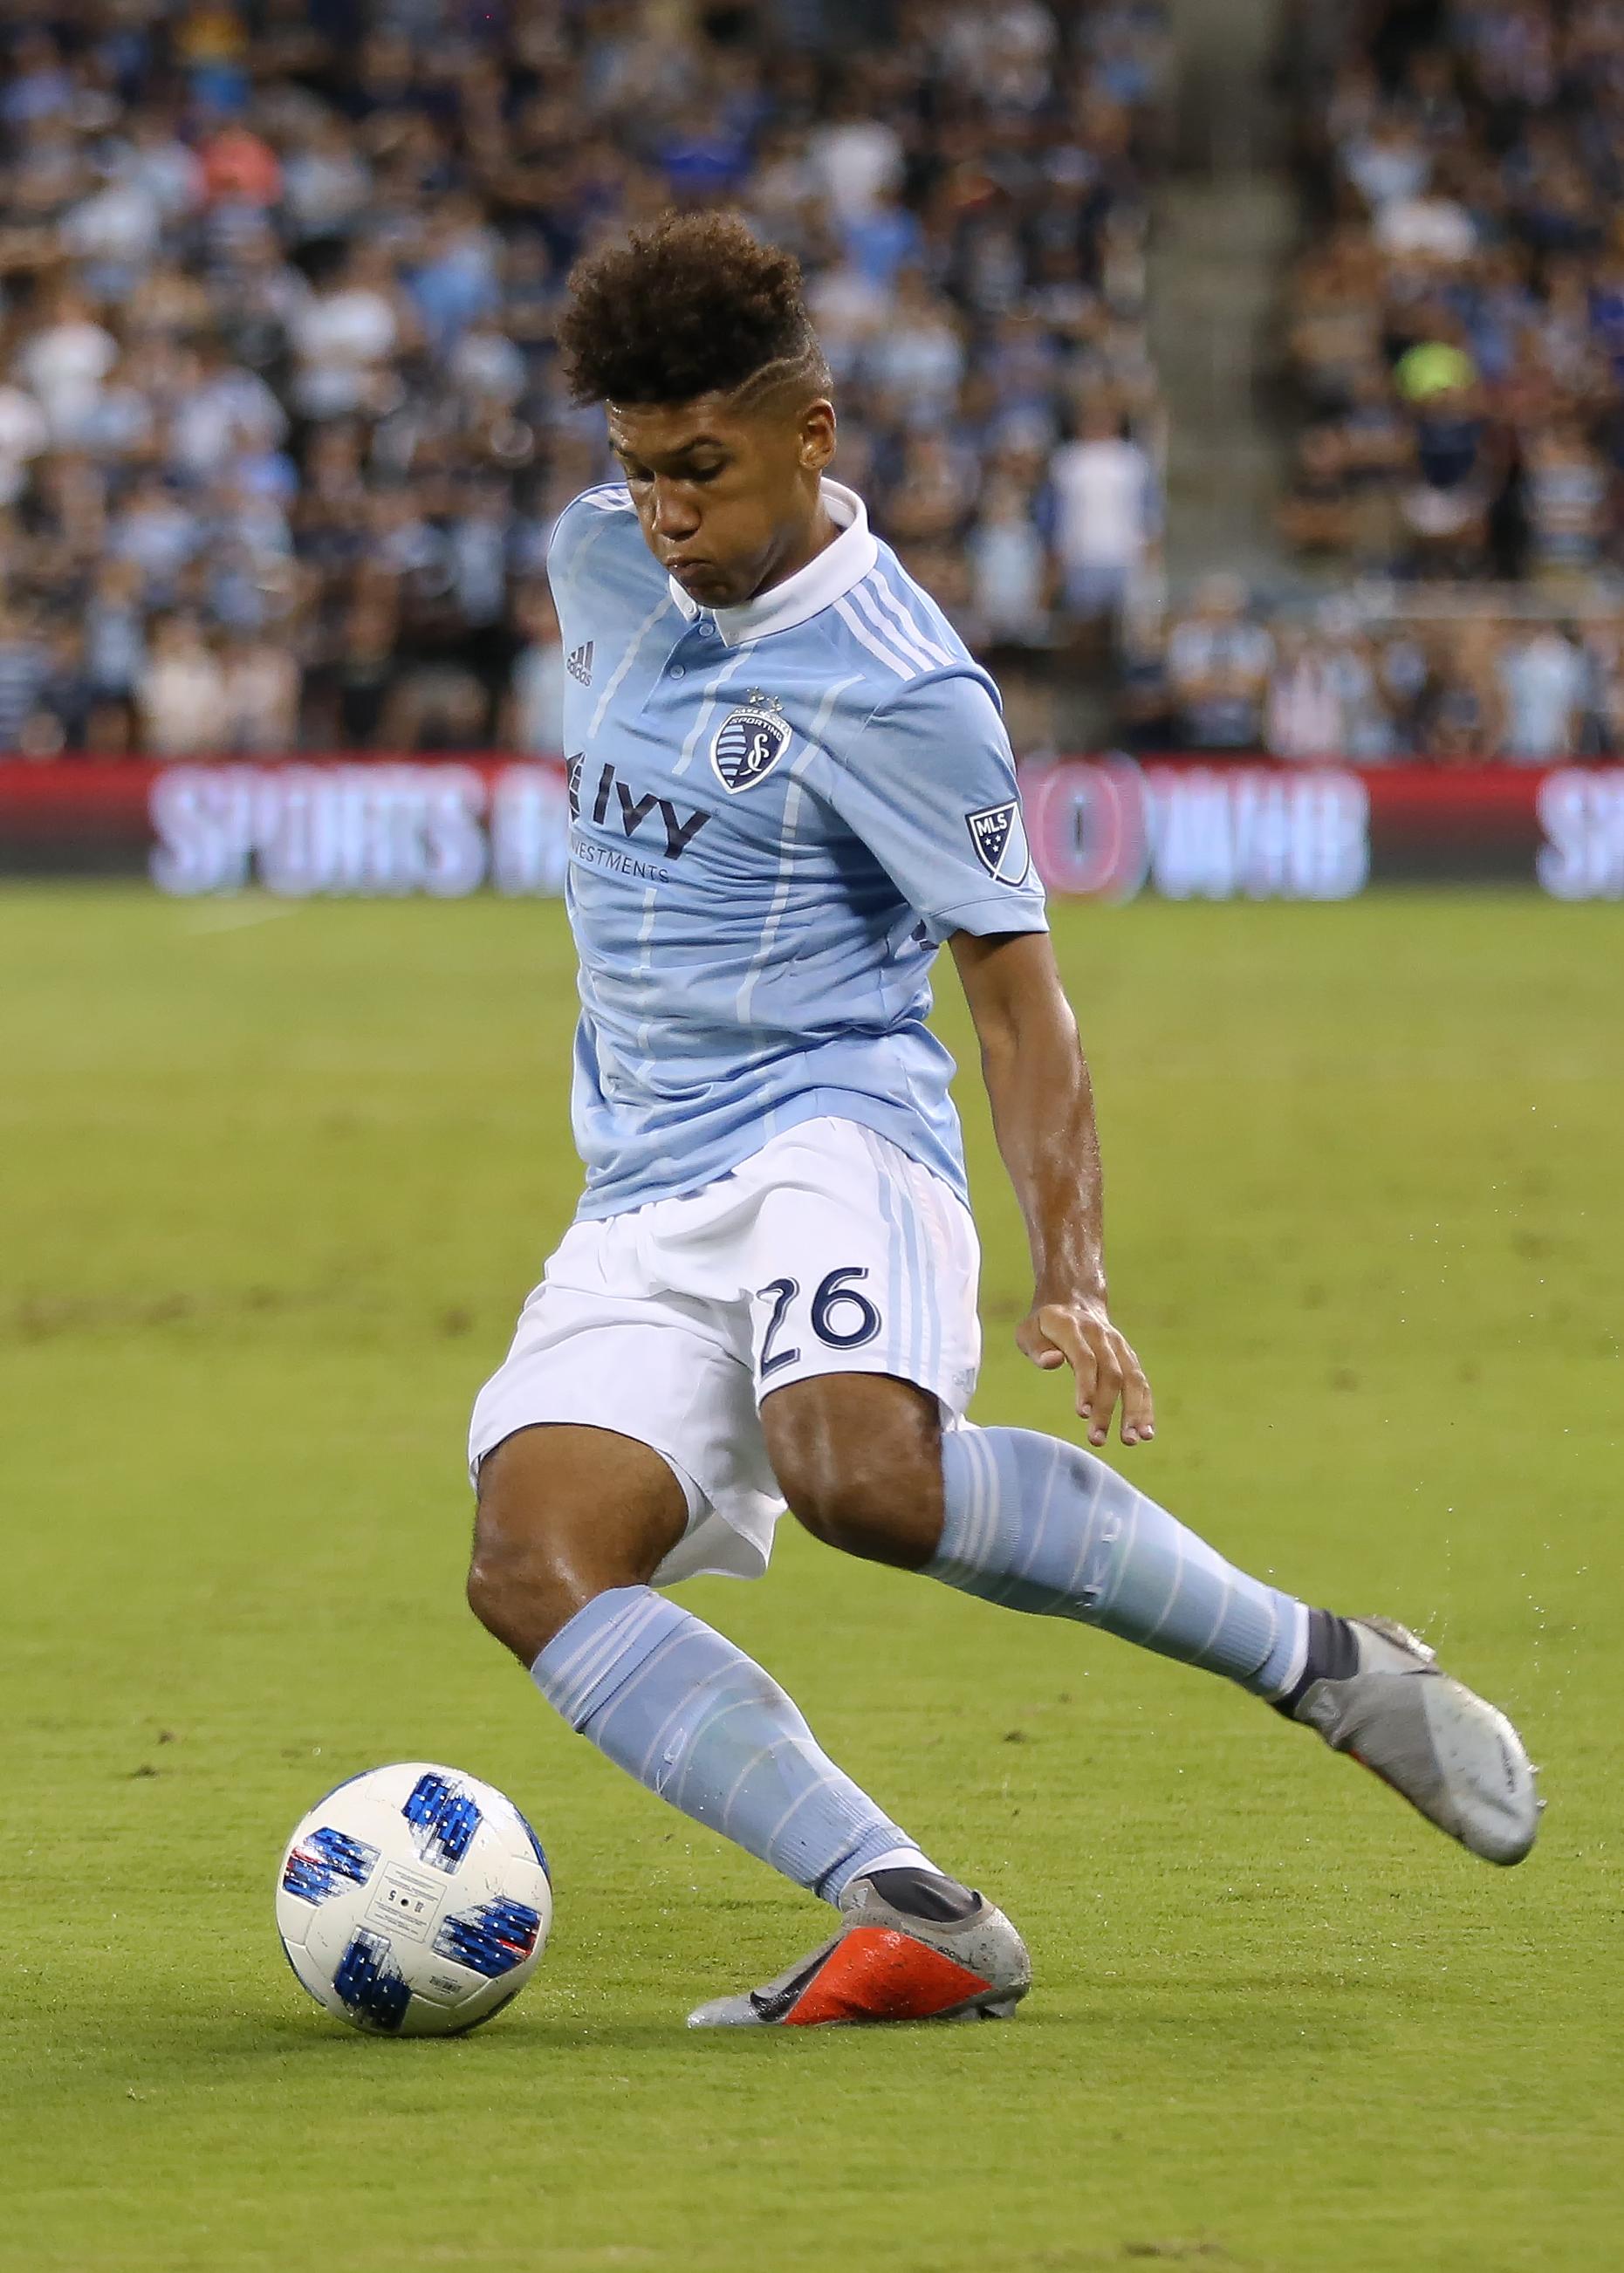 SOCCER: JUL 28 MLS - FC Dallas at Sporting Kansas City